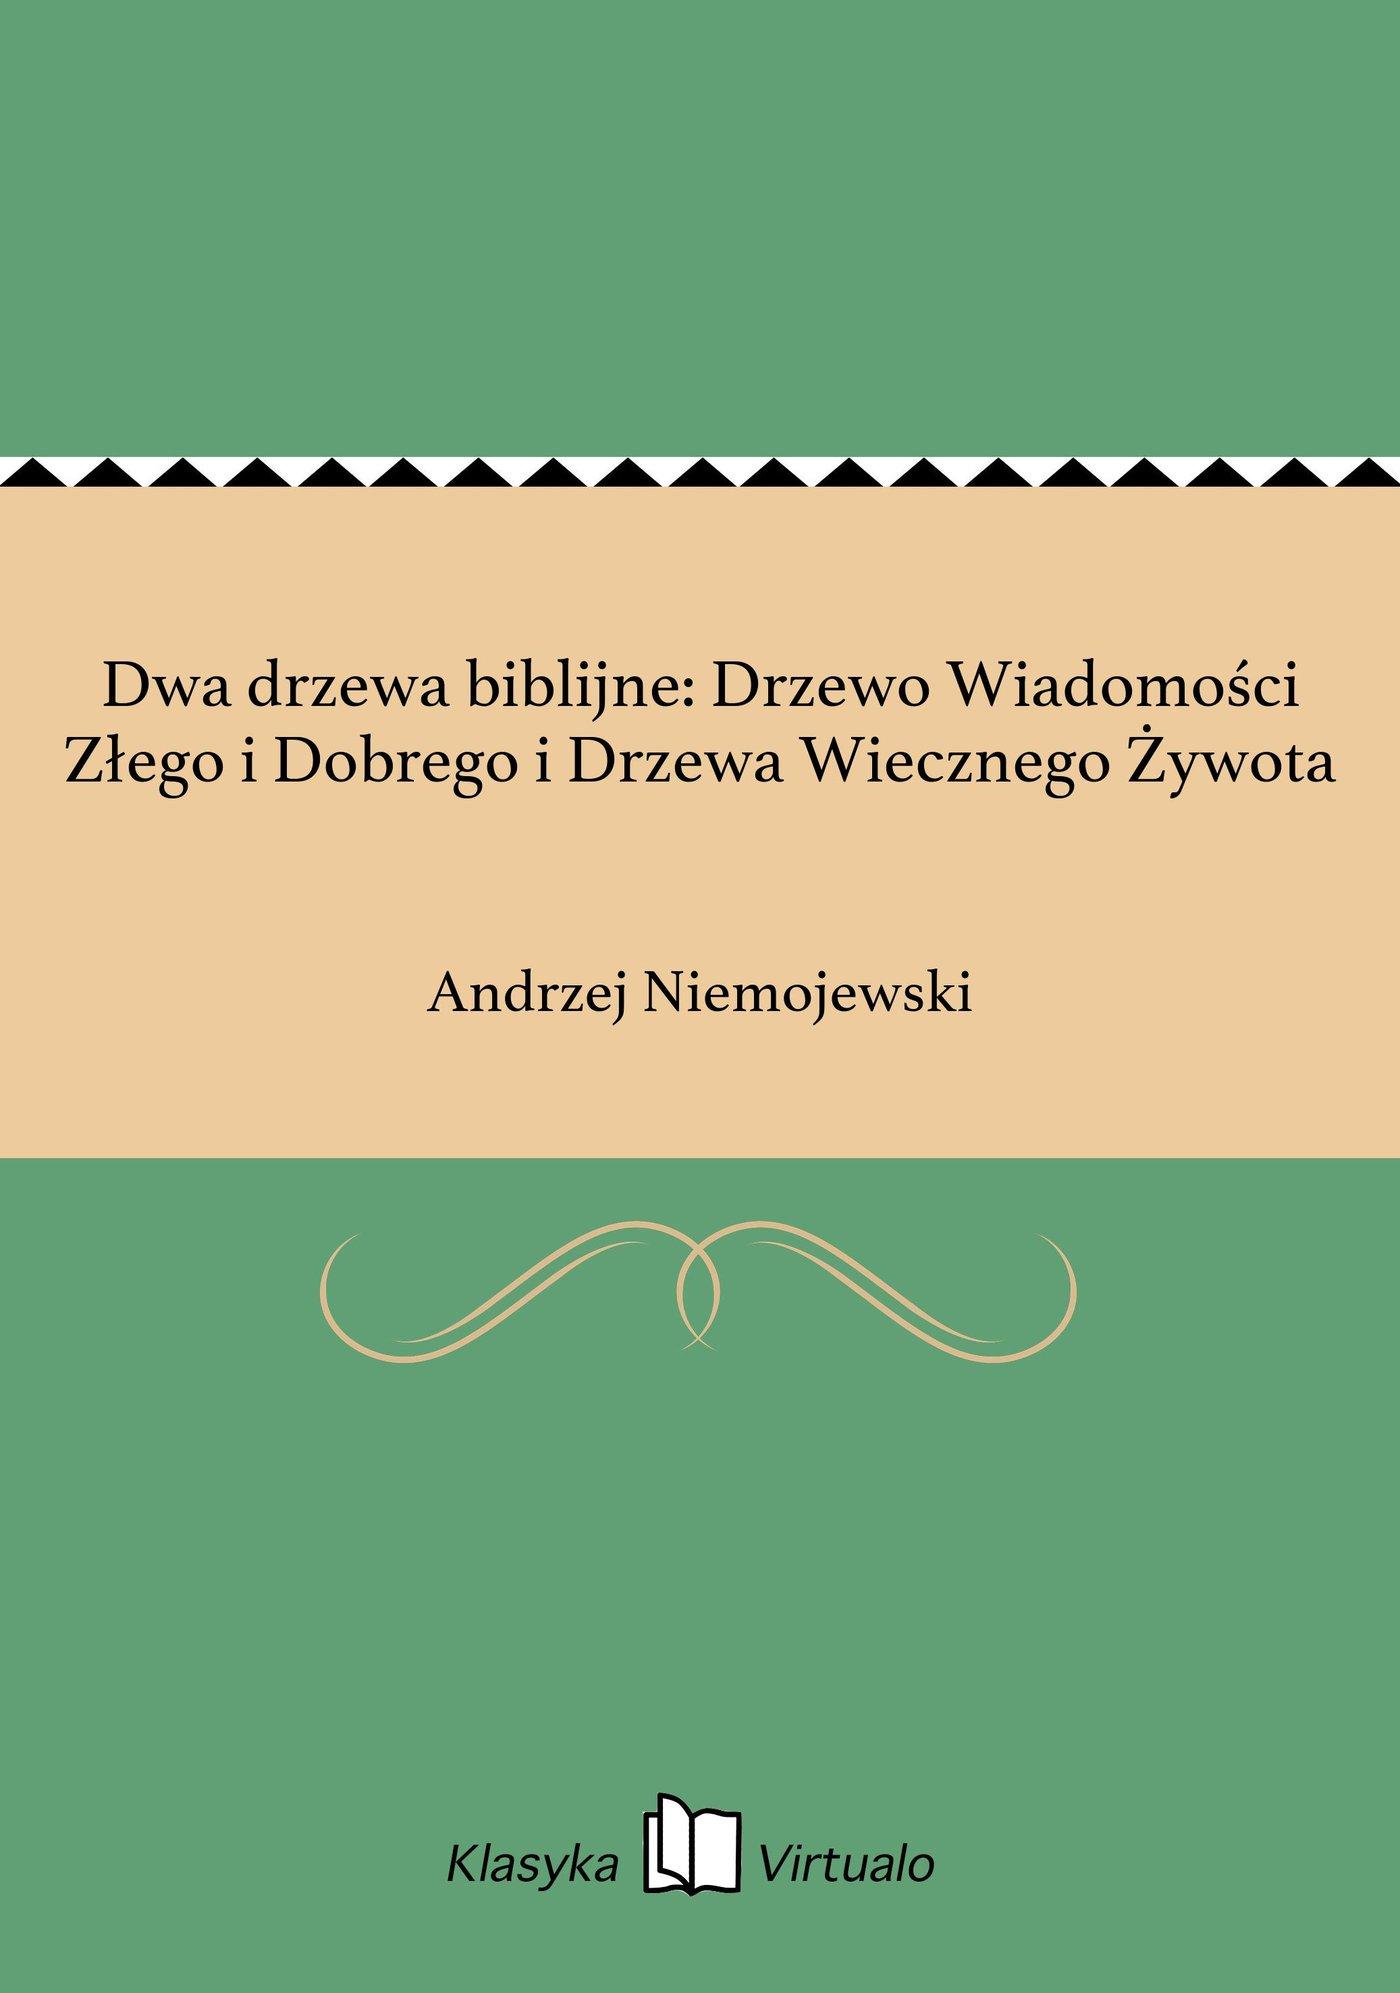 Dwa drzewa biblijne: Drzewo Wiadomości Złego i Dobrego i Drzewa Wiecznego Żywota - Ebook (Książka EPUB) do pobrania w formacie EPUB